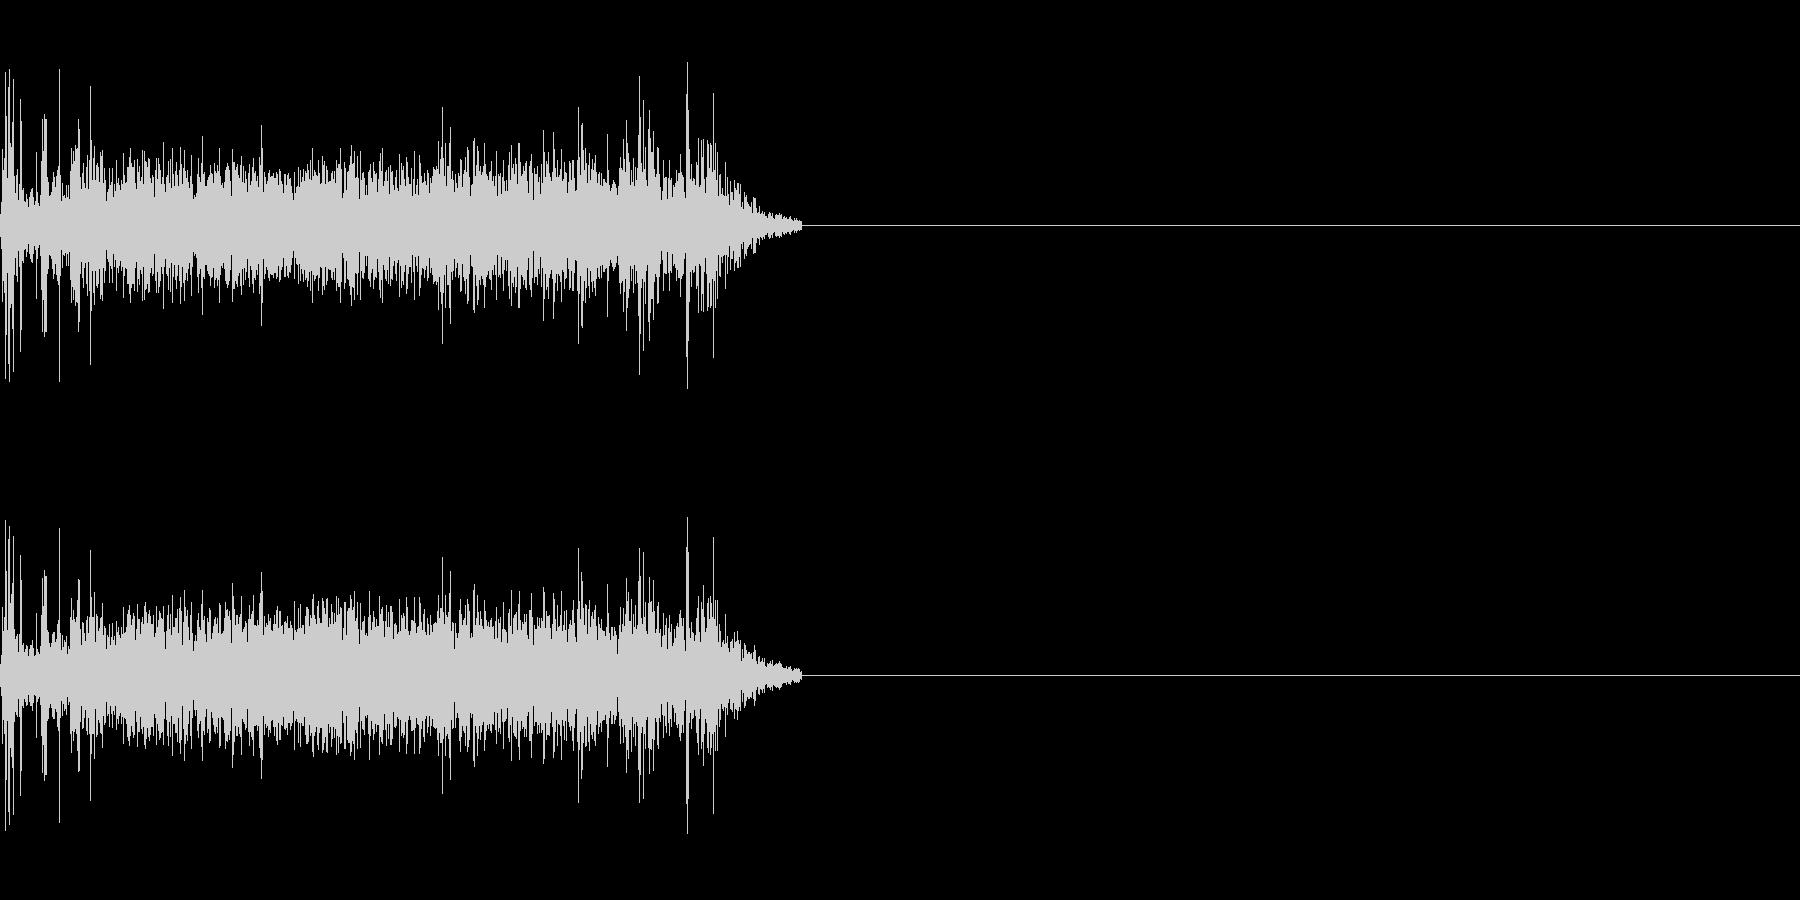 シンプルな機械音の未再生の波形